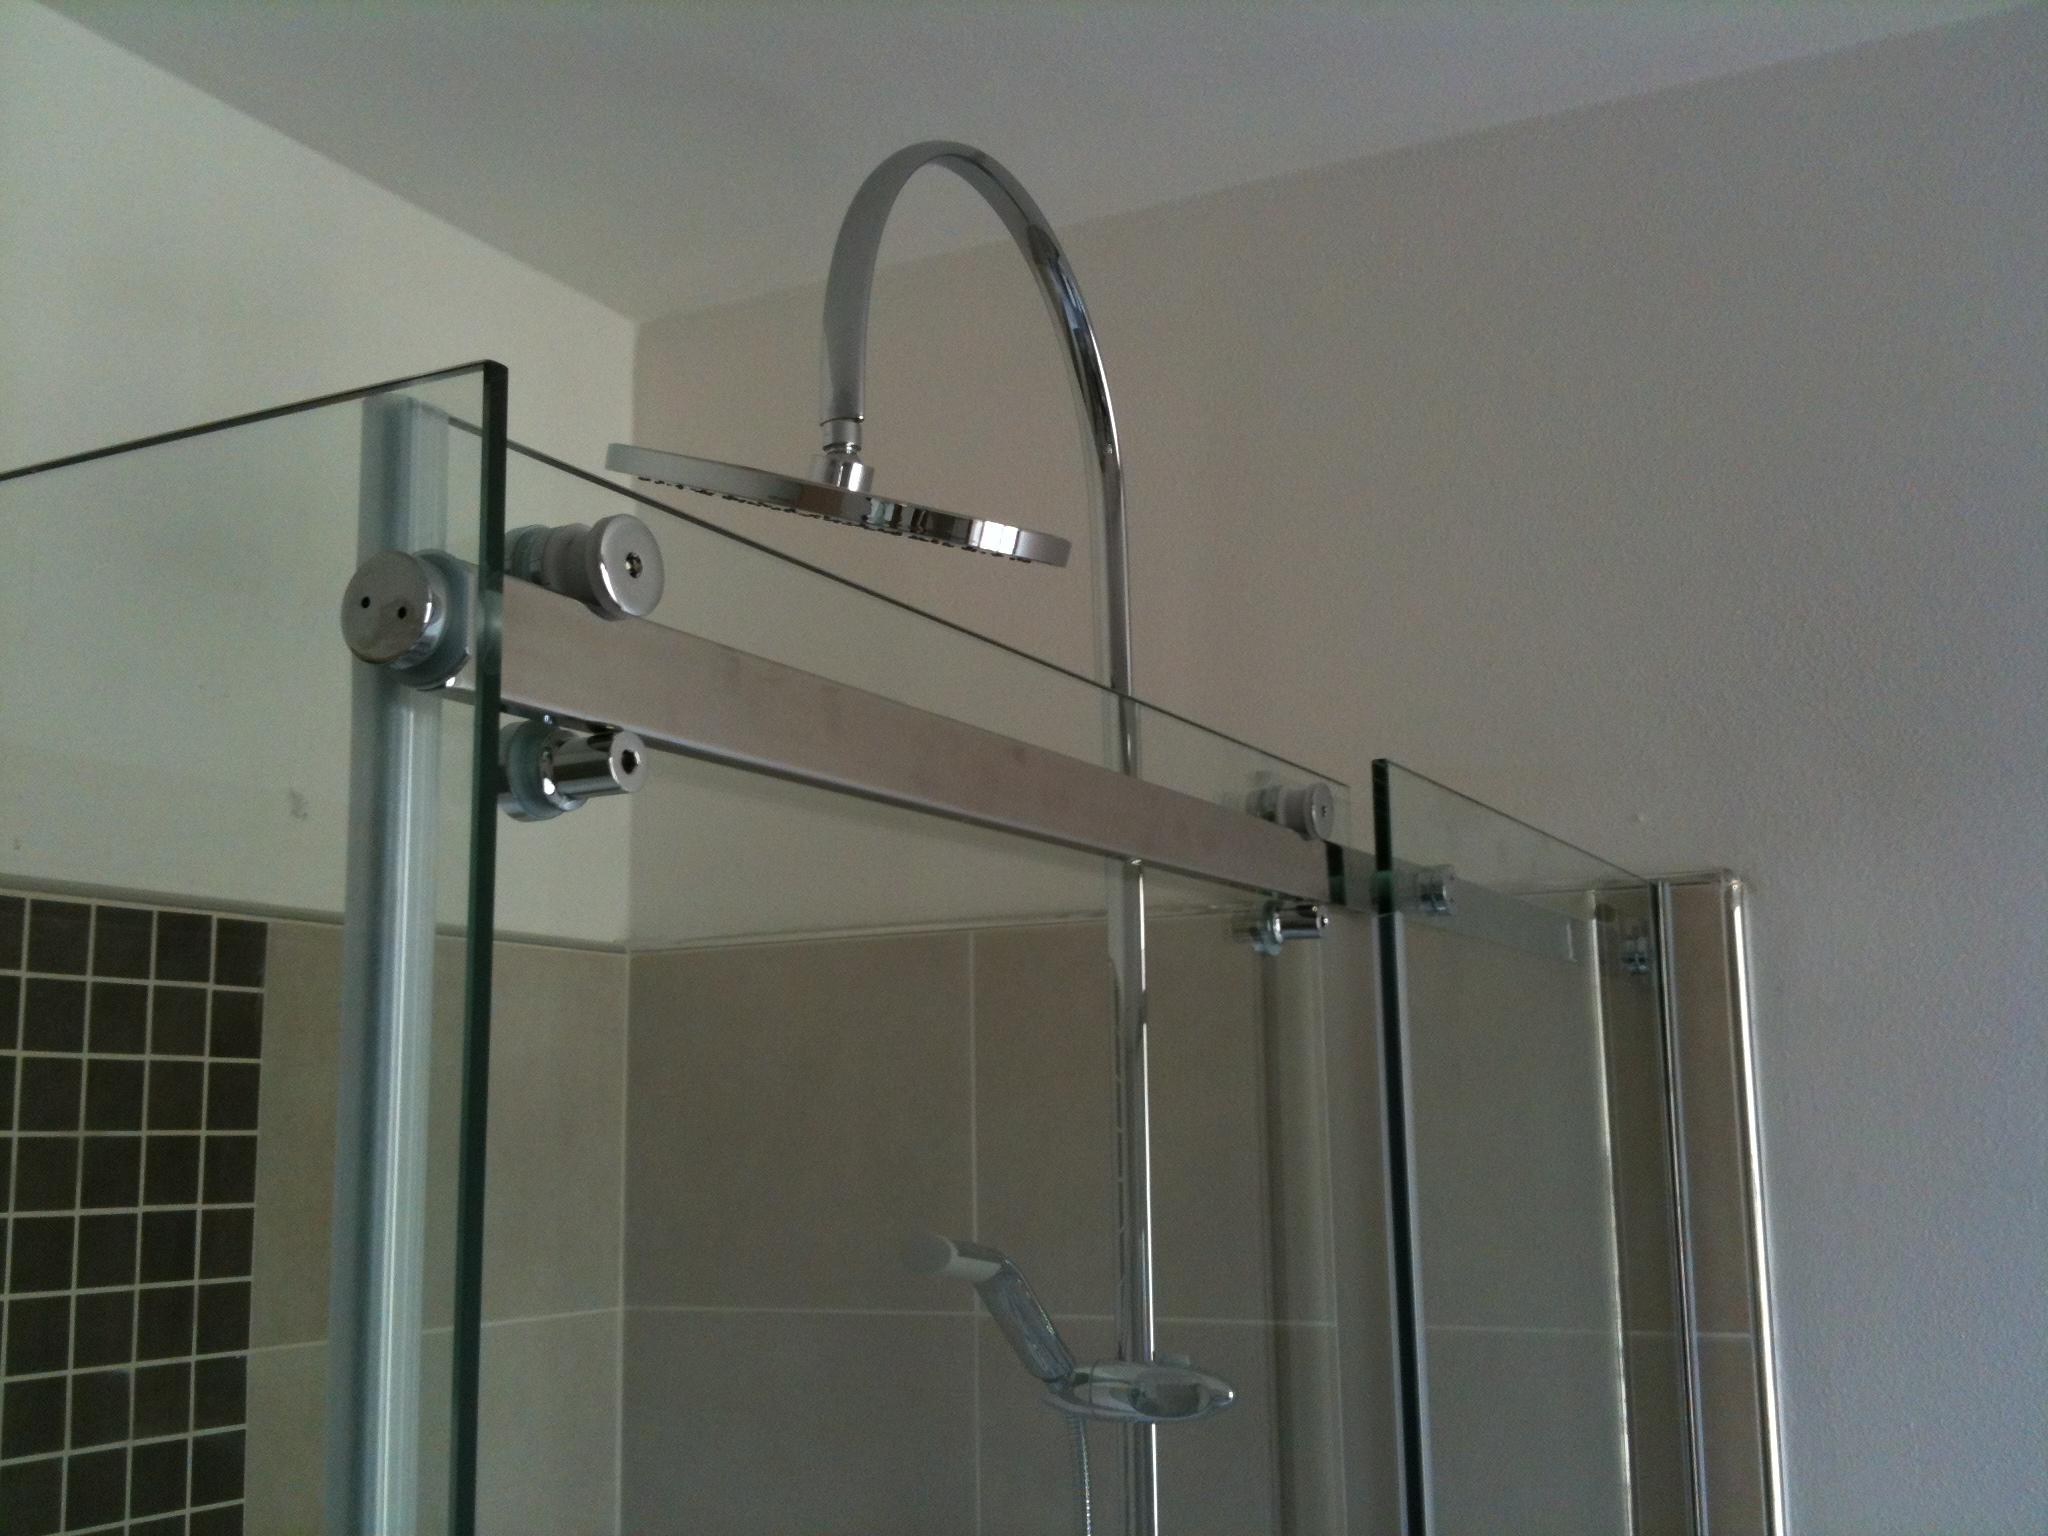 Doccia finestra amazing finestra nella doccia bagno con vasca e box doccia in muratura home - Finestra nella doccia ...